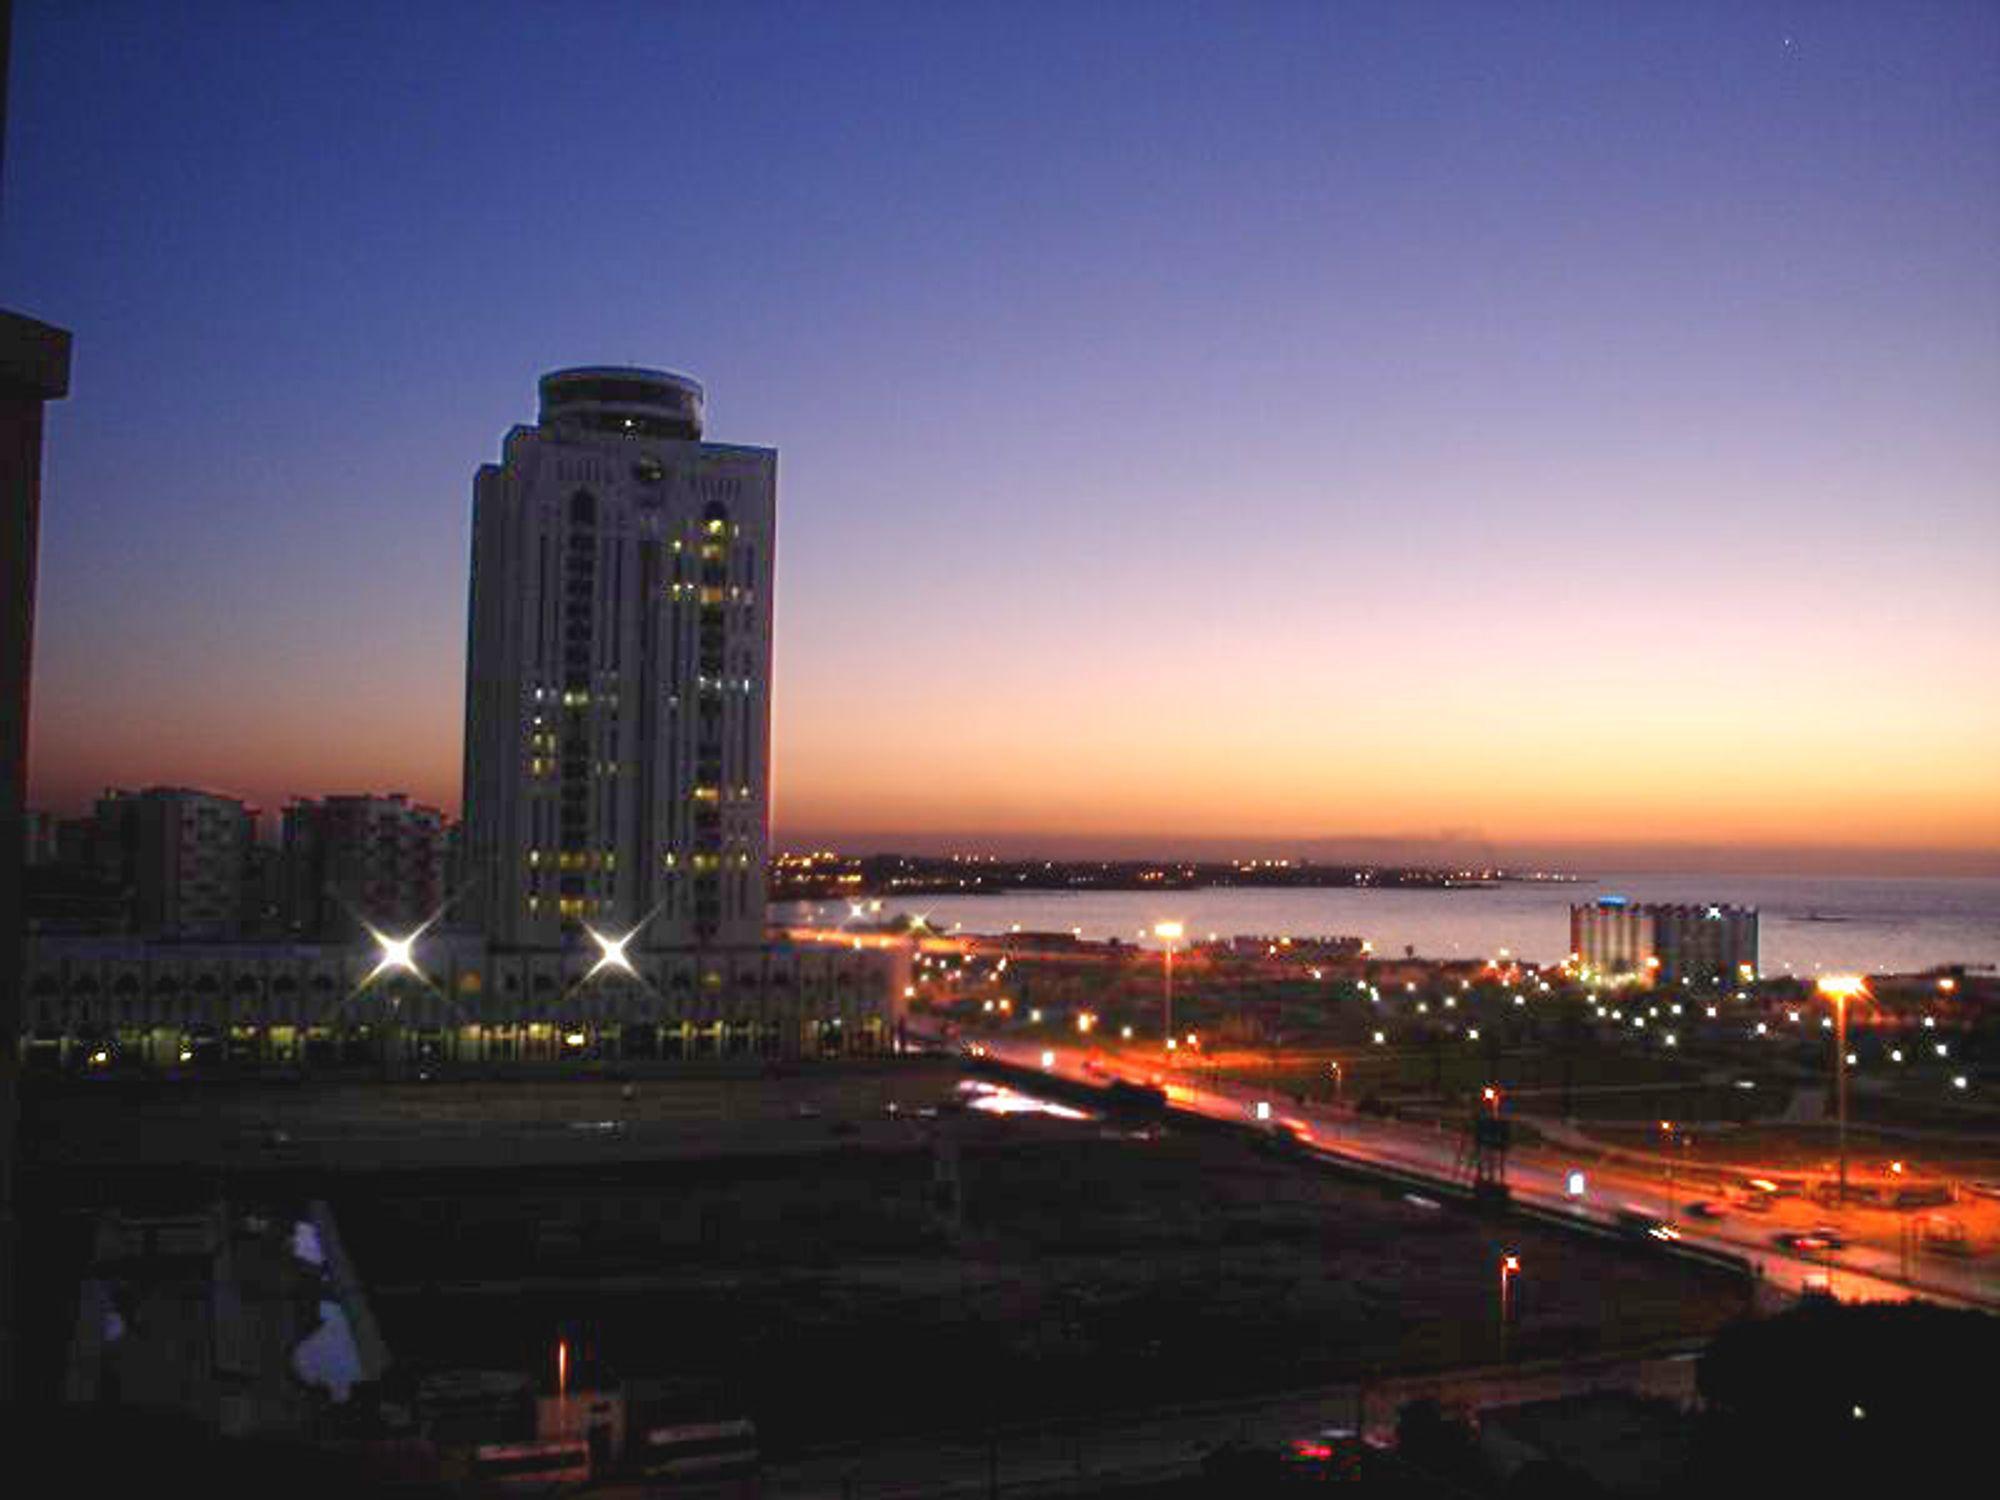 OLJEINNTEKTER: Libyas hovedstad Tripoli har nytt godt av landets oljeinntekter, men landets infrastruktur generelt er langt under lavmål. Nå skal det endres, men danskene får ikke hjelpe til.